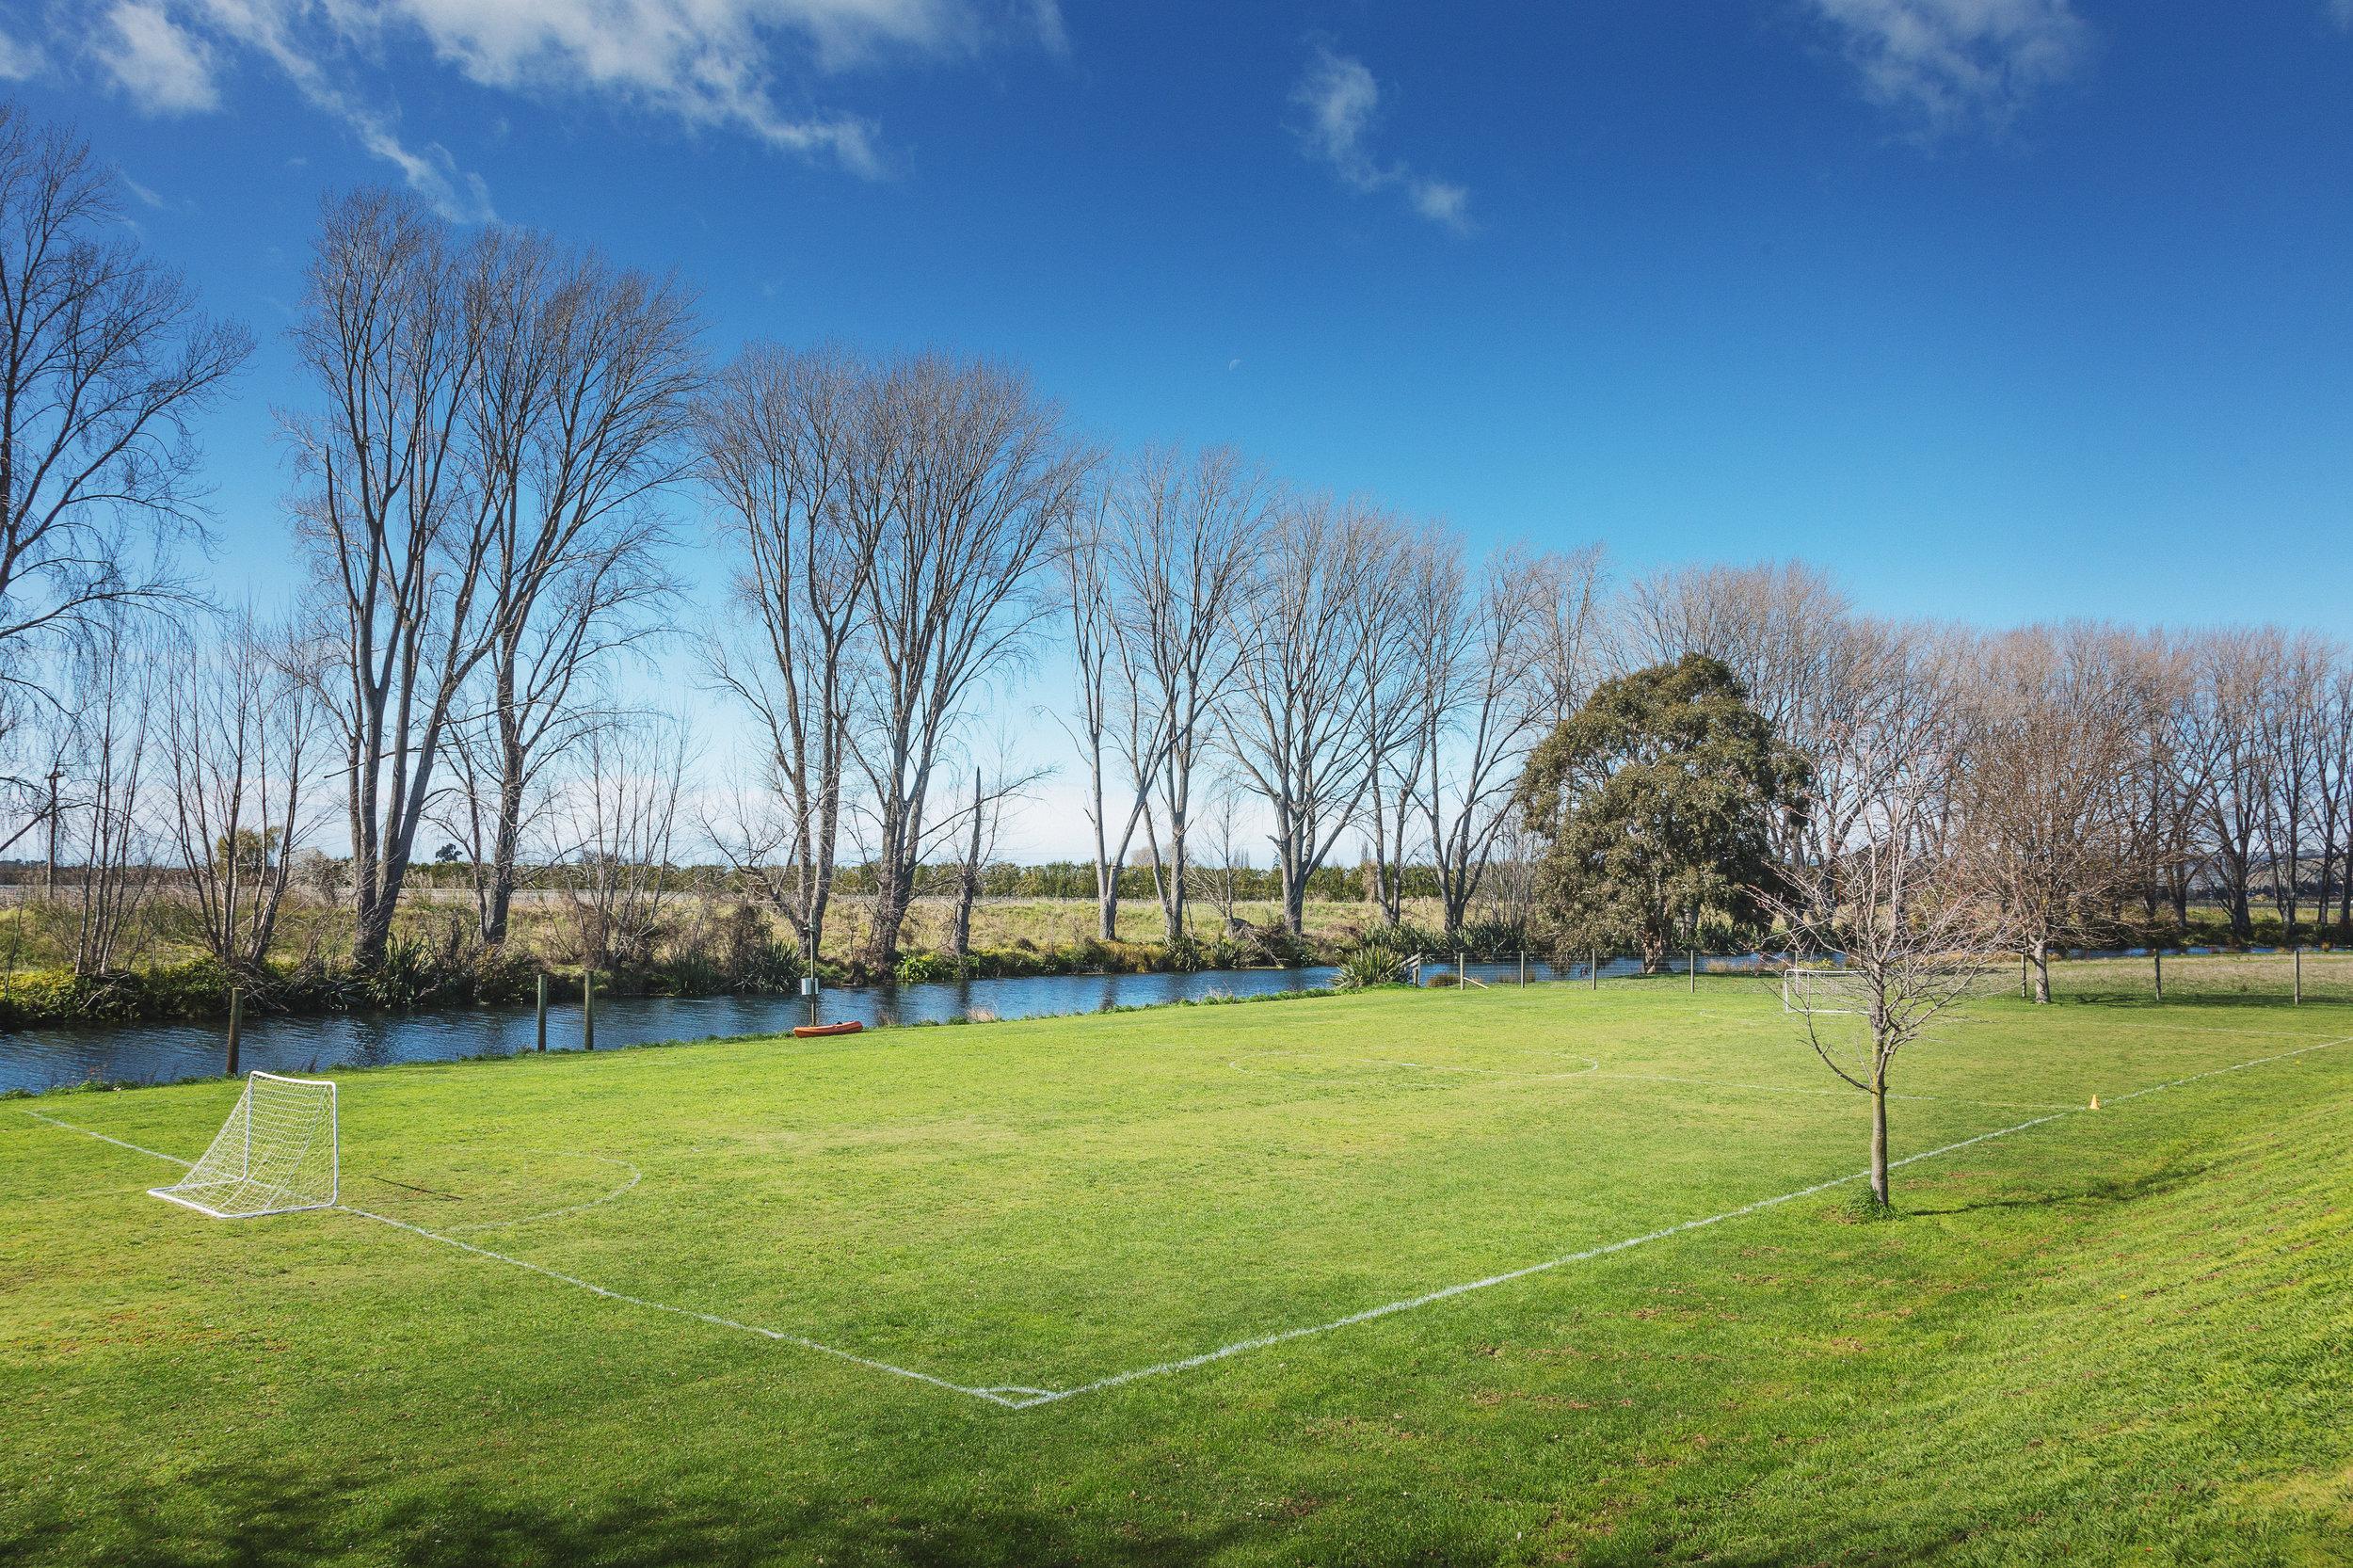 Recreational field alongside the Opawa River